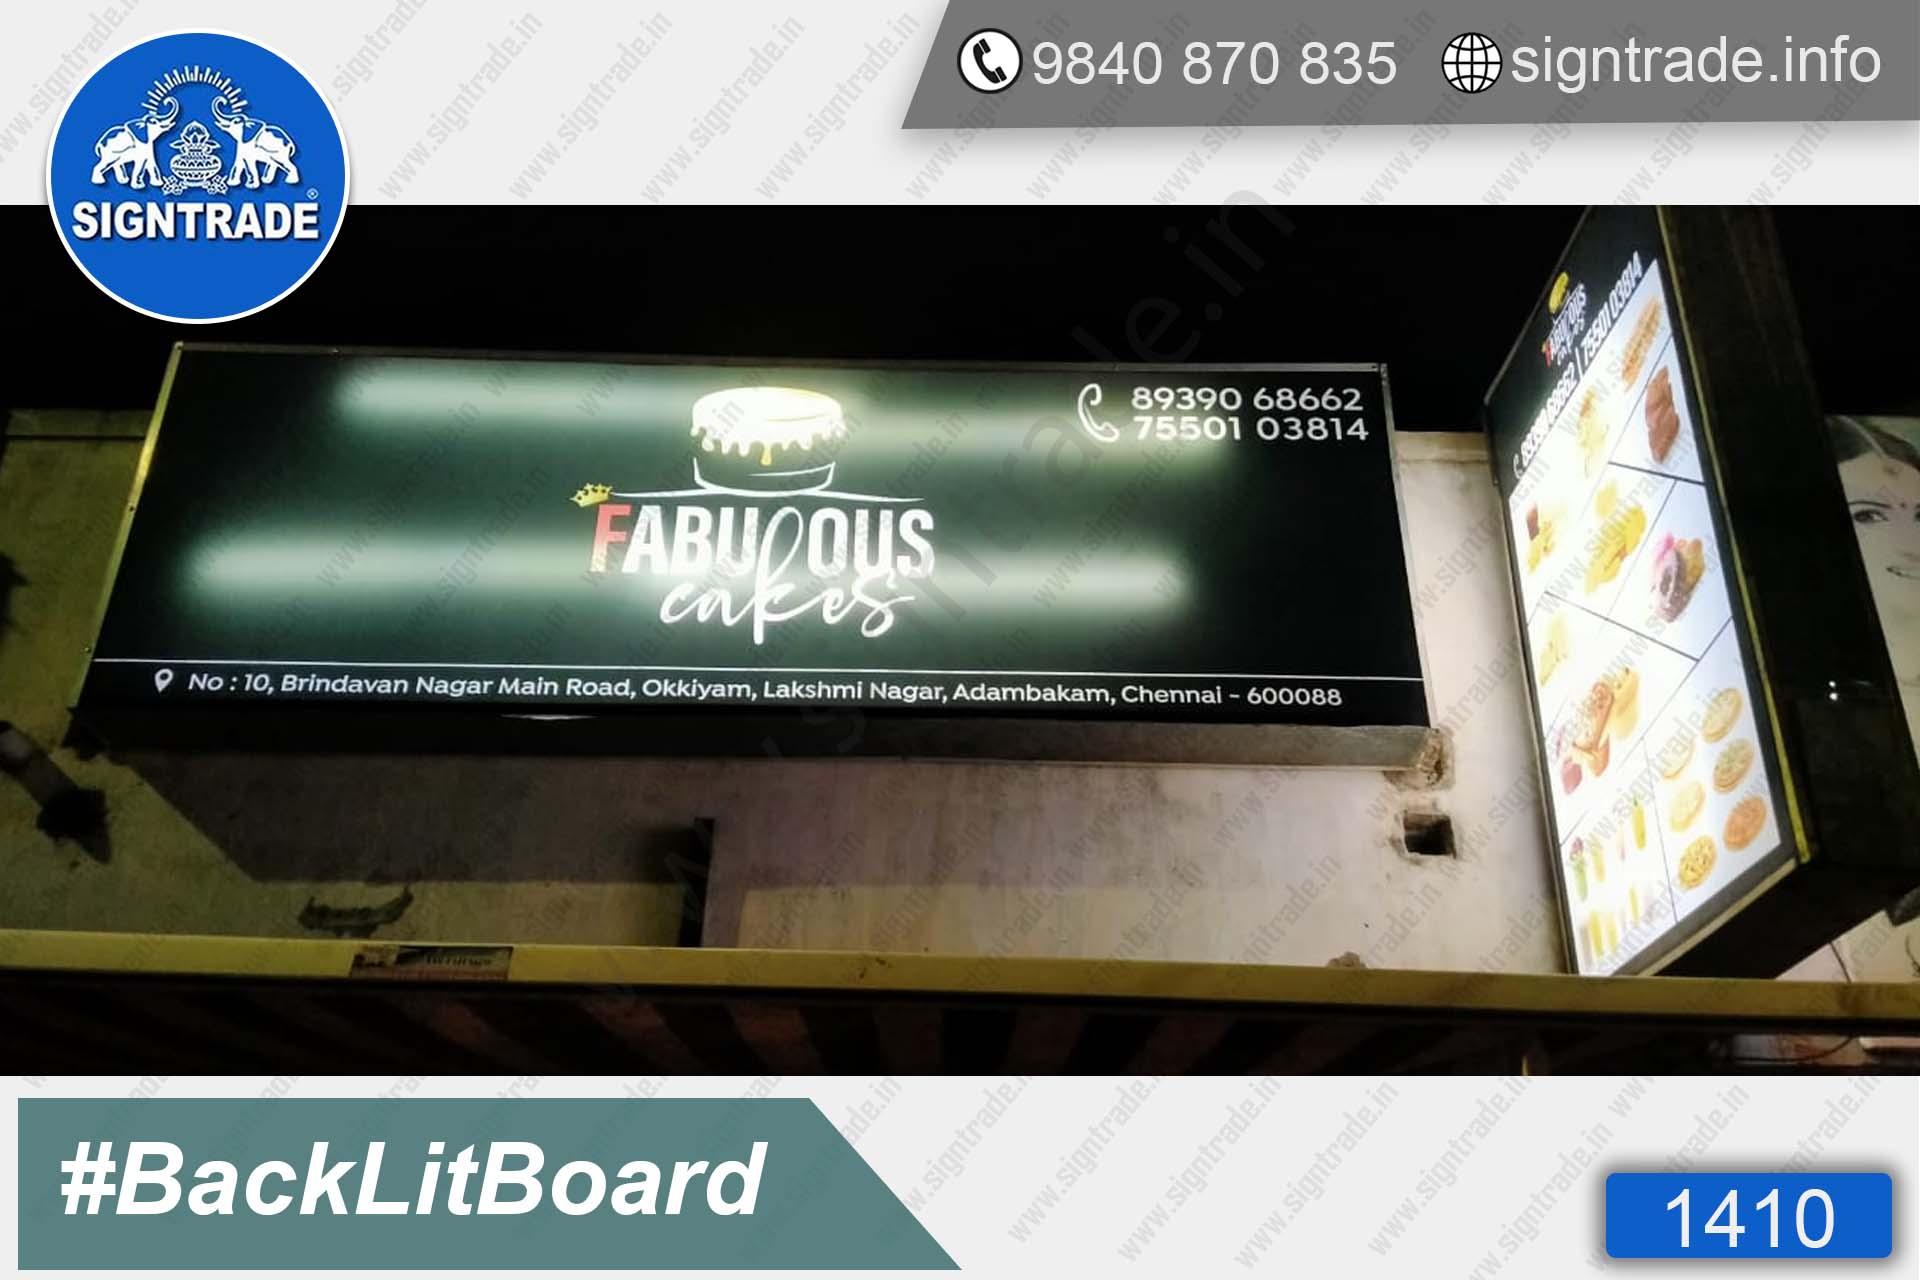 Fabulous Cakes - 1410, Flex Board, Backlit Flex Board, Star Backlit Flex Board, Backlit Flex Banners, Shop Front Flex Board, Shop Flex Board